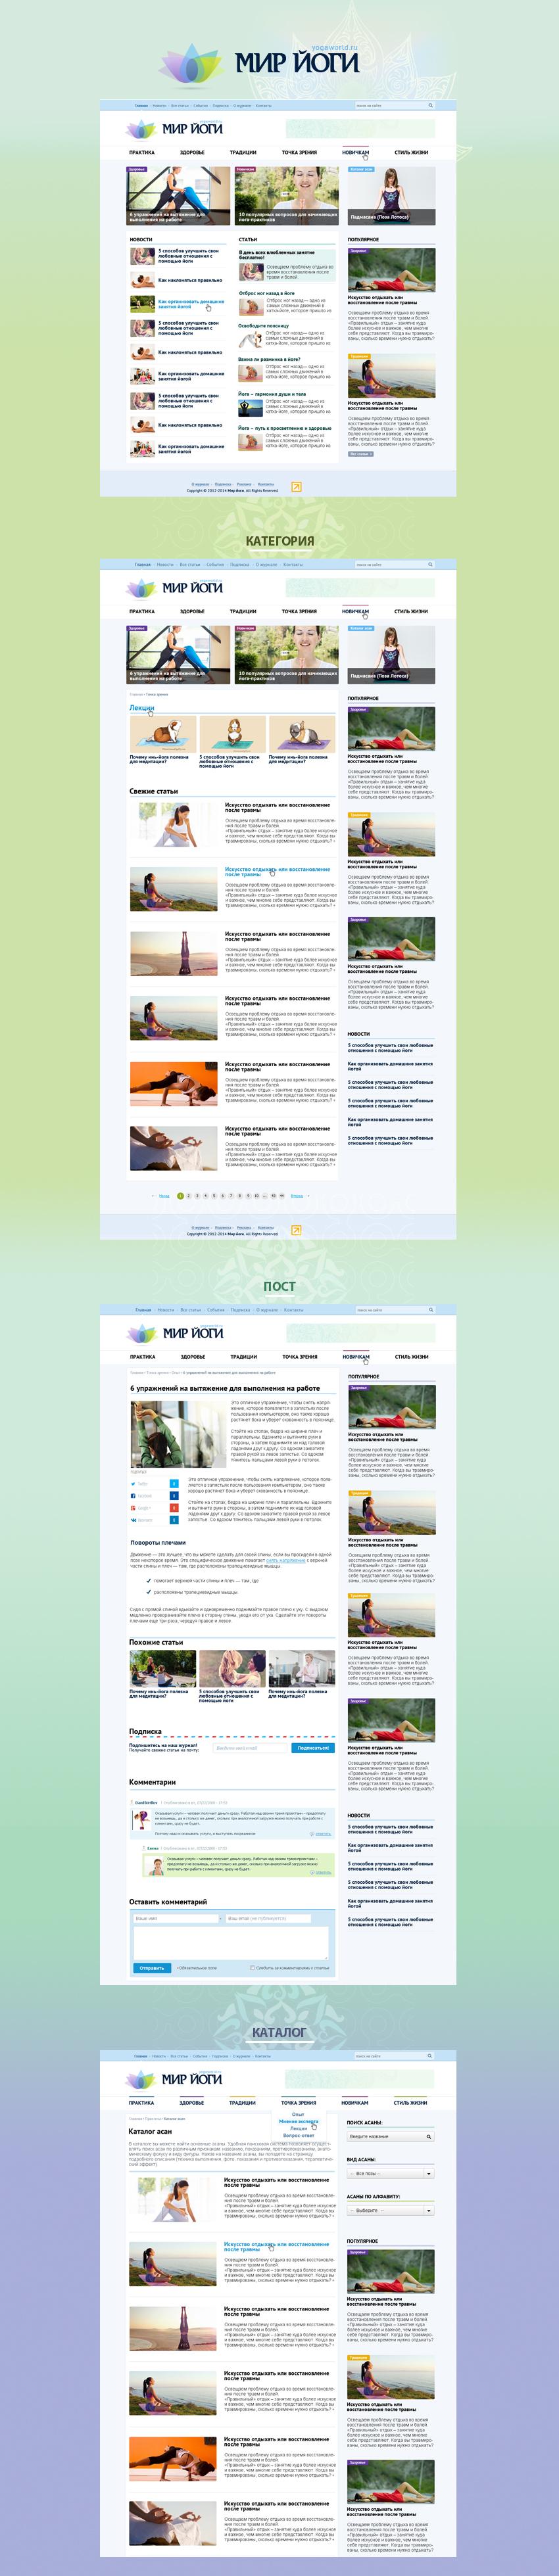 информационный сайт о йоге